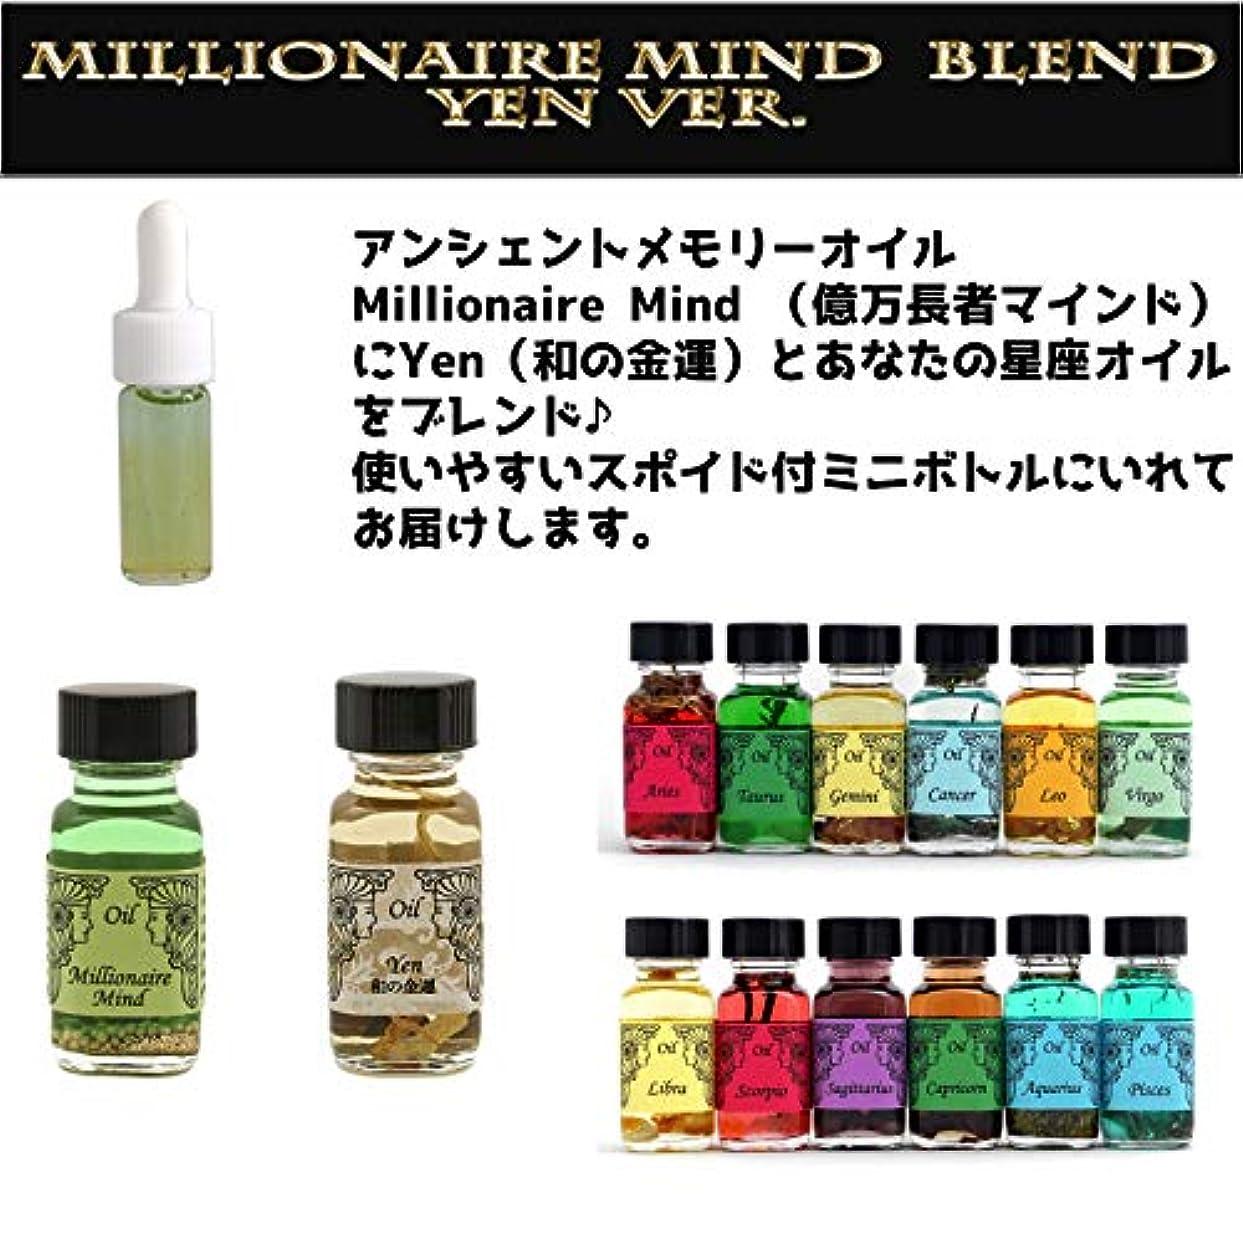 バンジョー報告書女性アンシェントメモリーオイル Millionaire Mind 億万長者マインド ブレンド【Yen 和の金運&かに座】